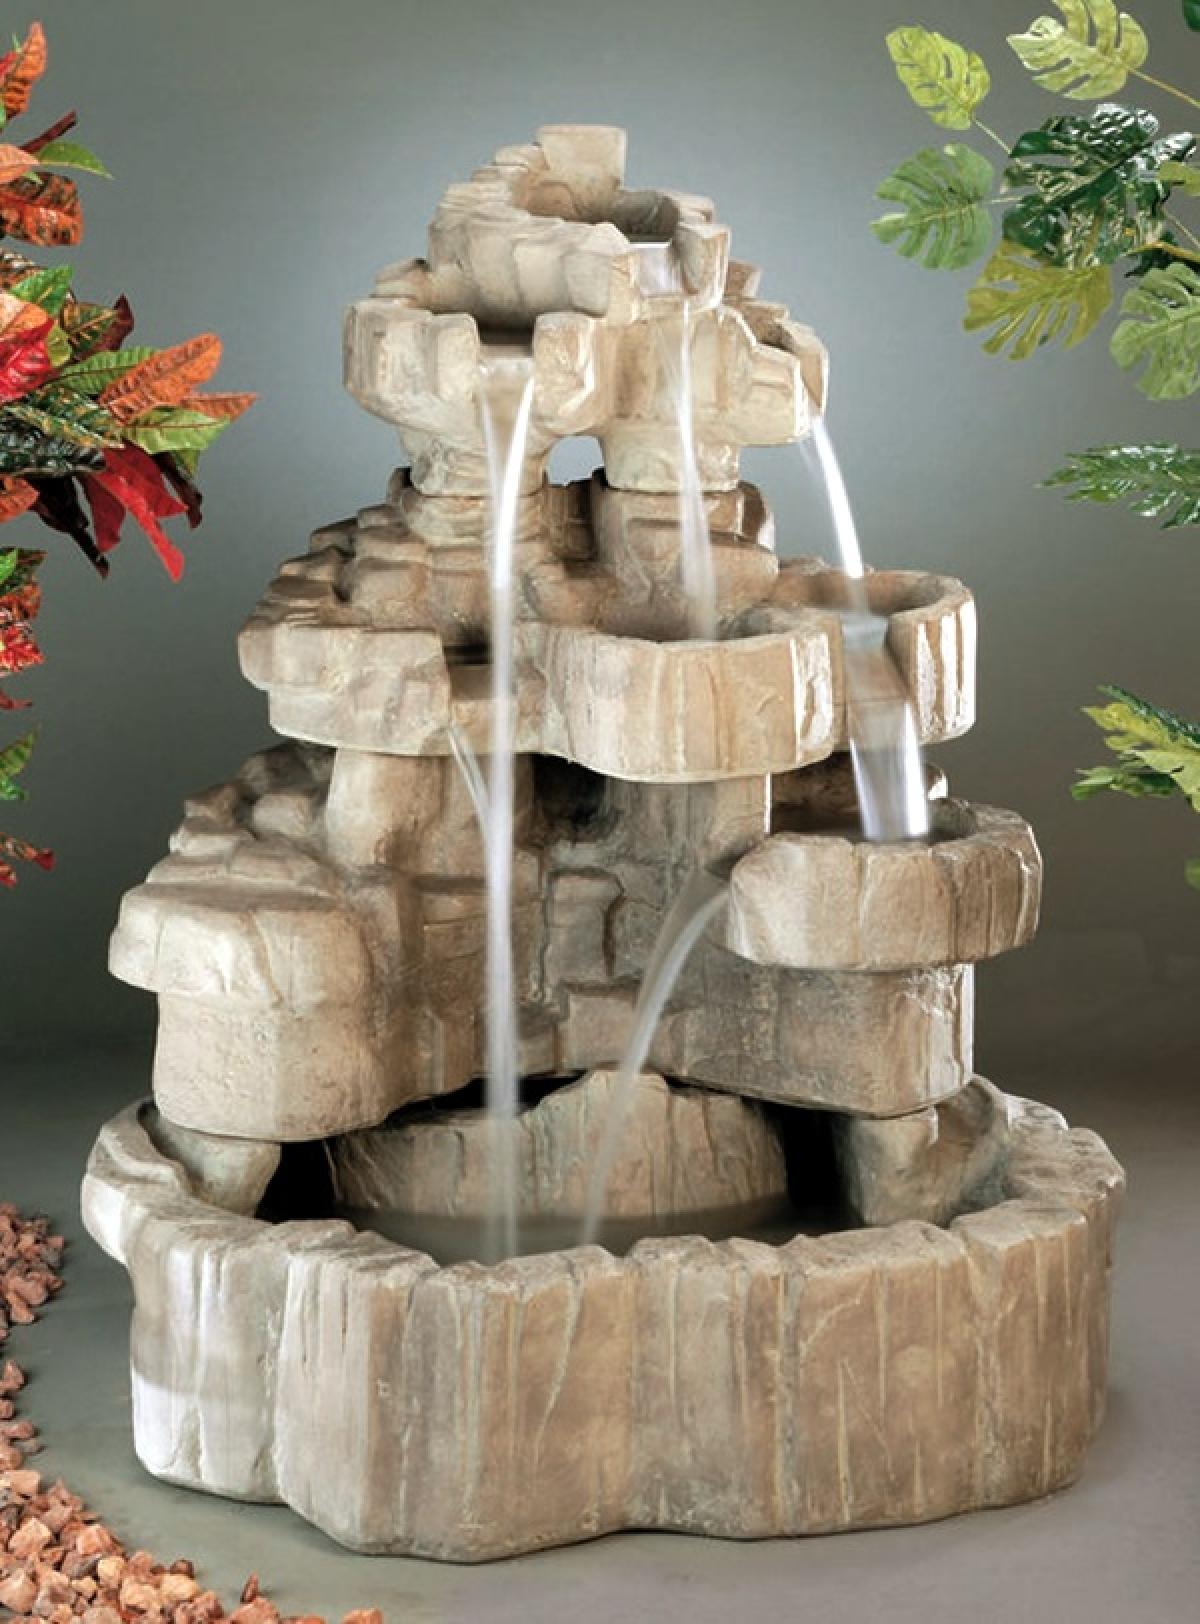 Các khối đa tự nhiên sắp xếp khéo léo để tạo thành thác nước độc đáo ngay trong nhà.